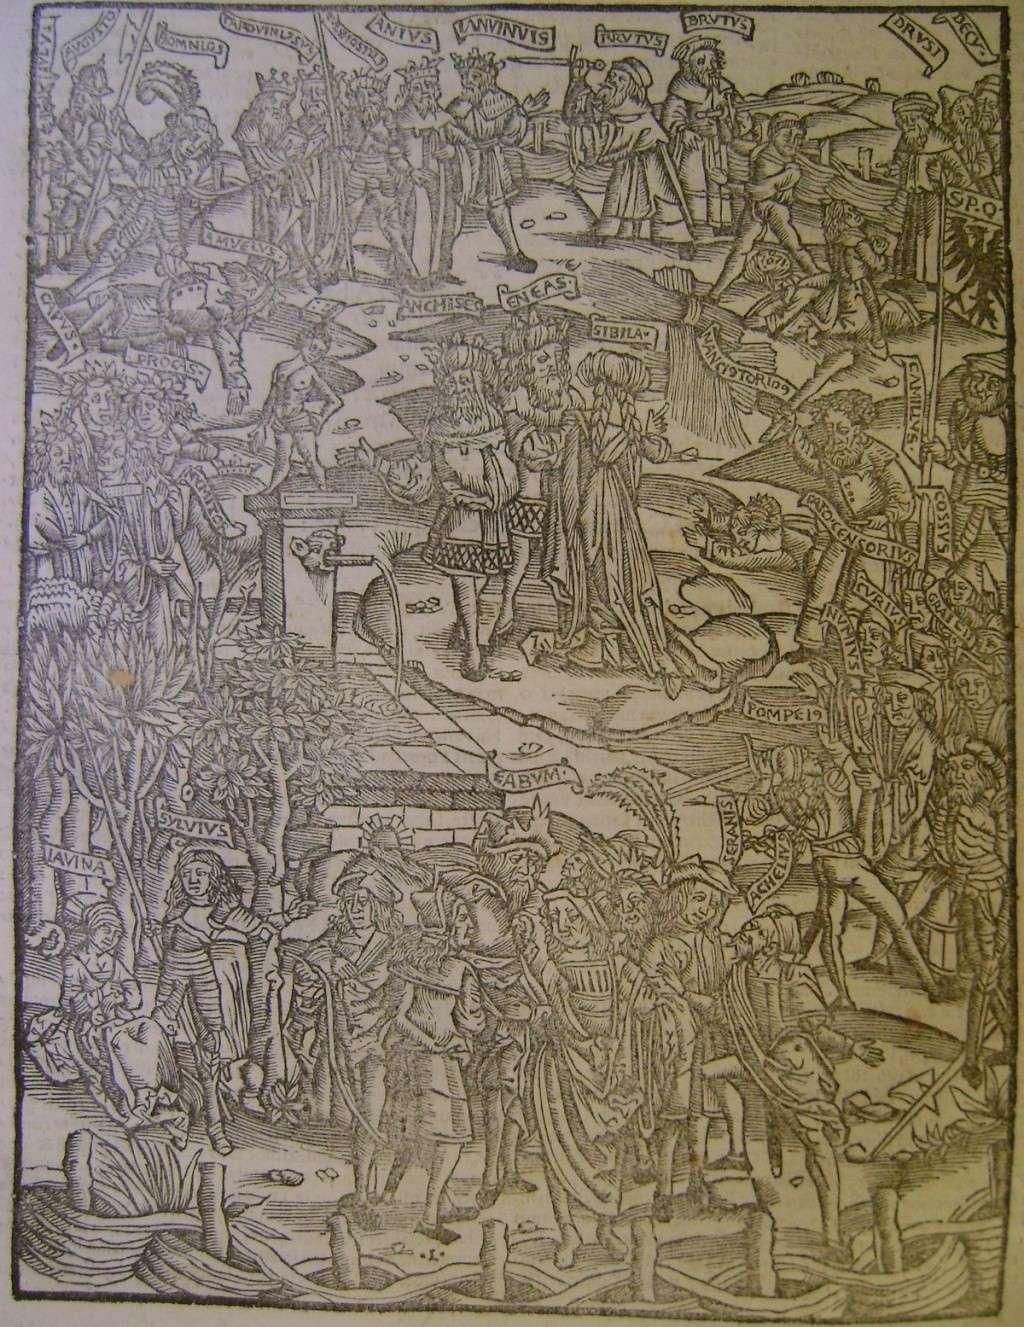 L'énéide vue en 1522. Dsc09159